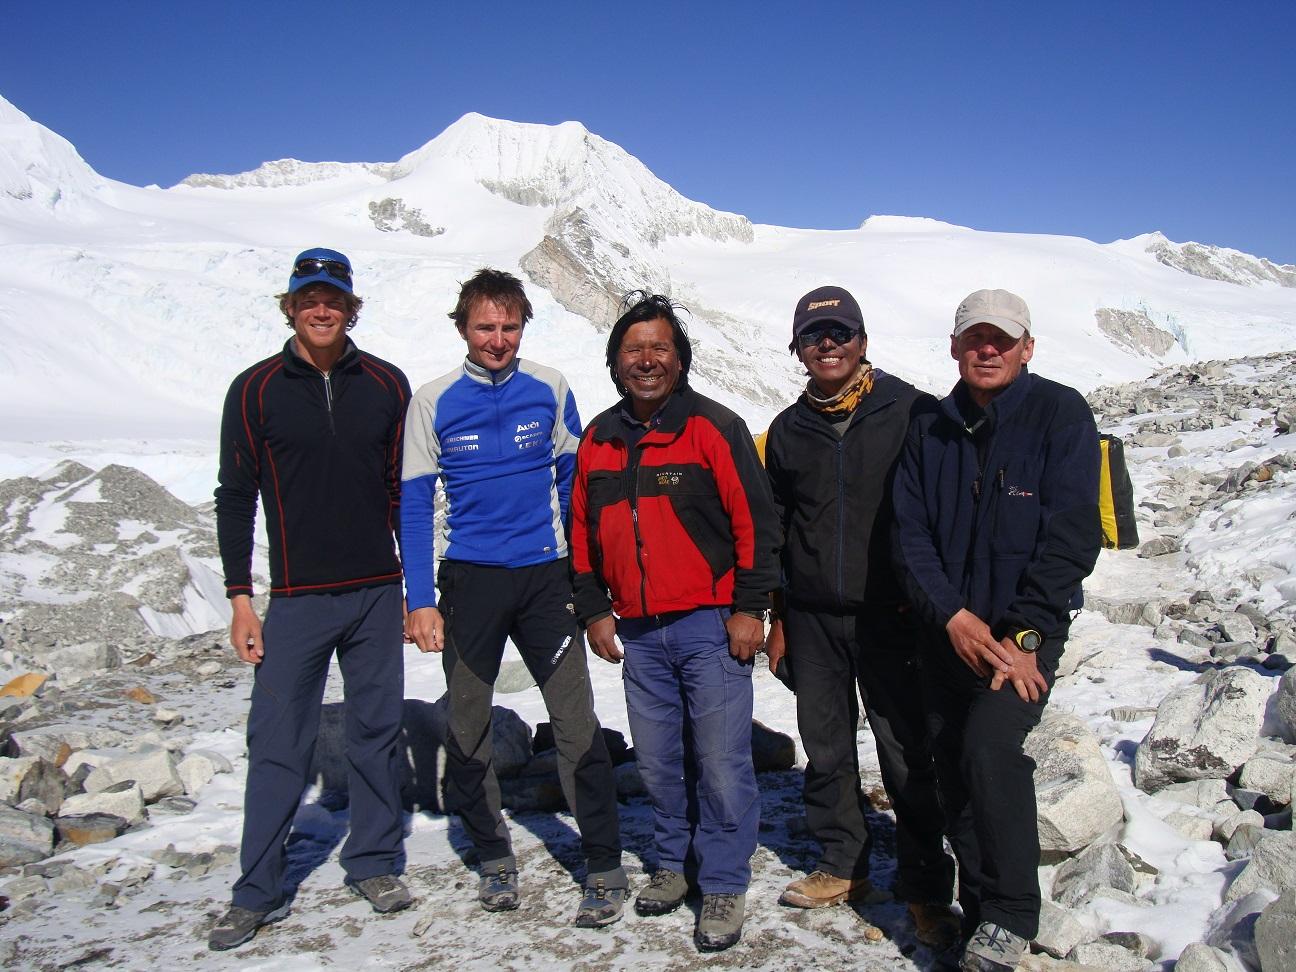 Alpinista suizo Ueli Steck y Bernardo Guarachi ascendieron el Himalaya